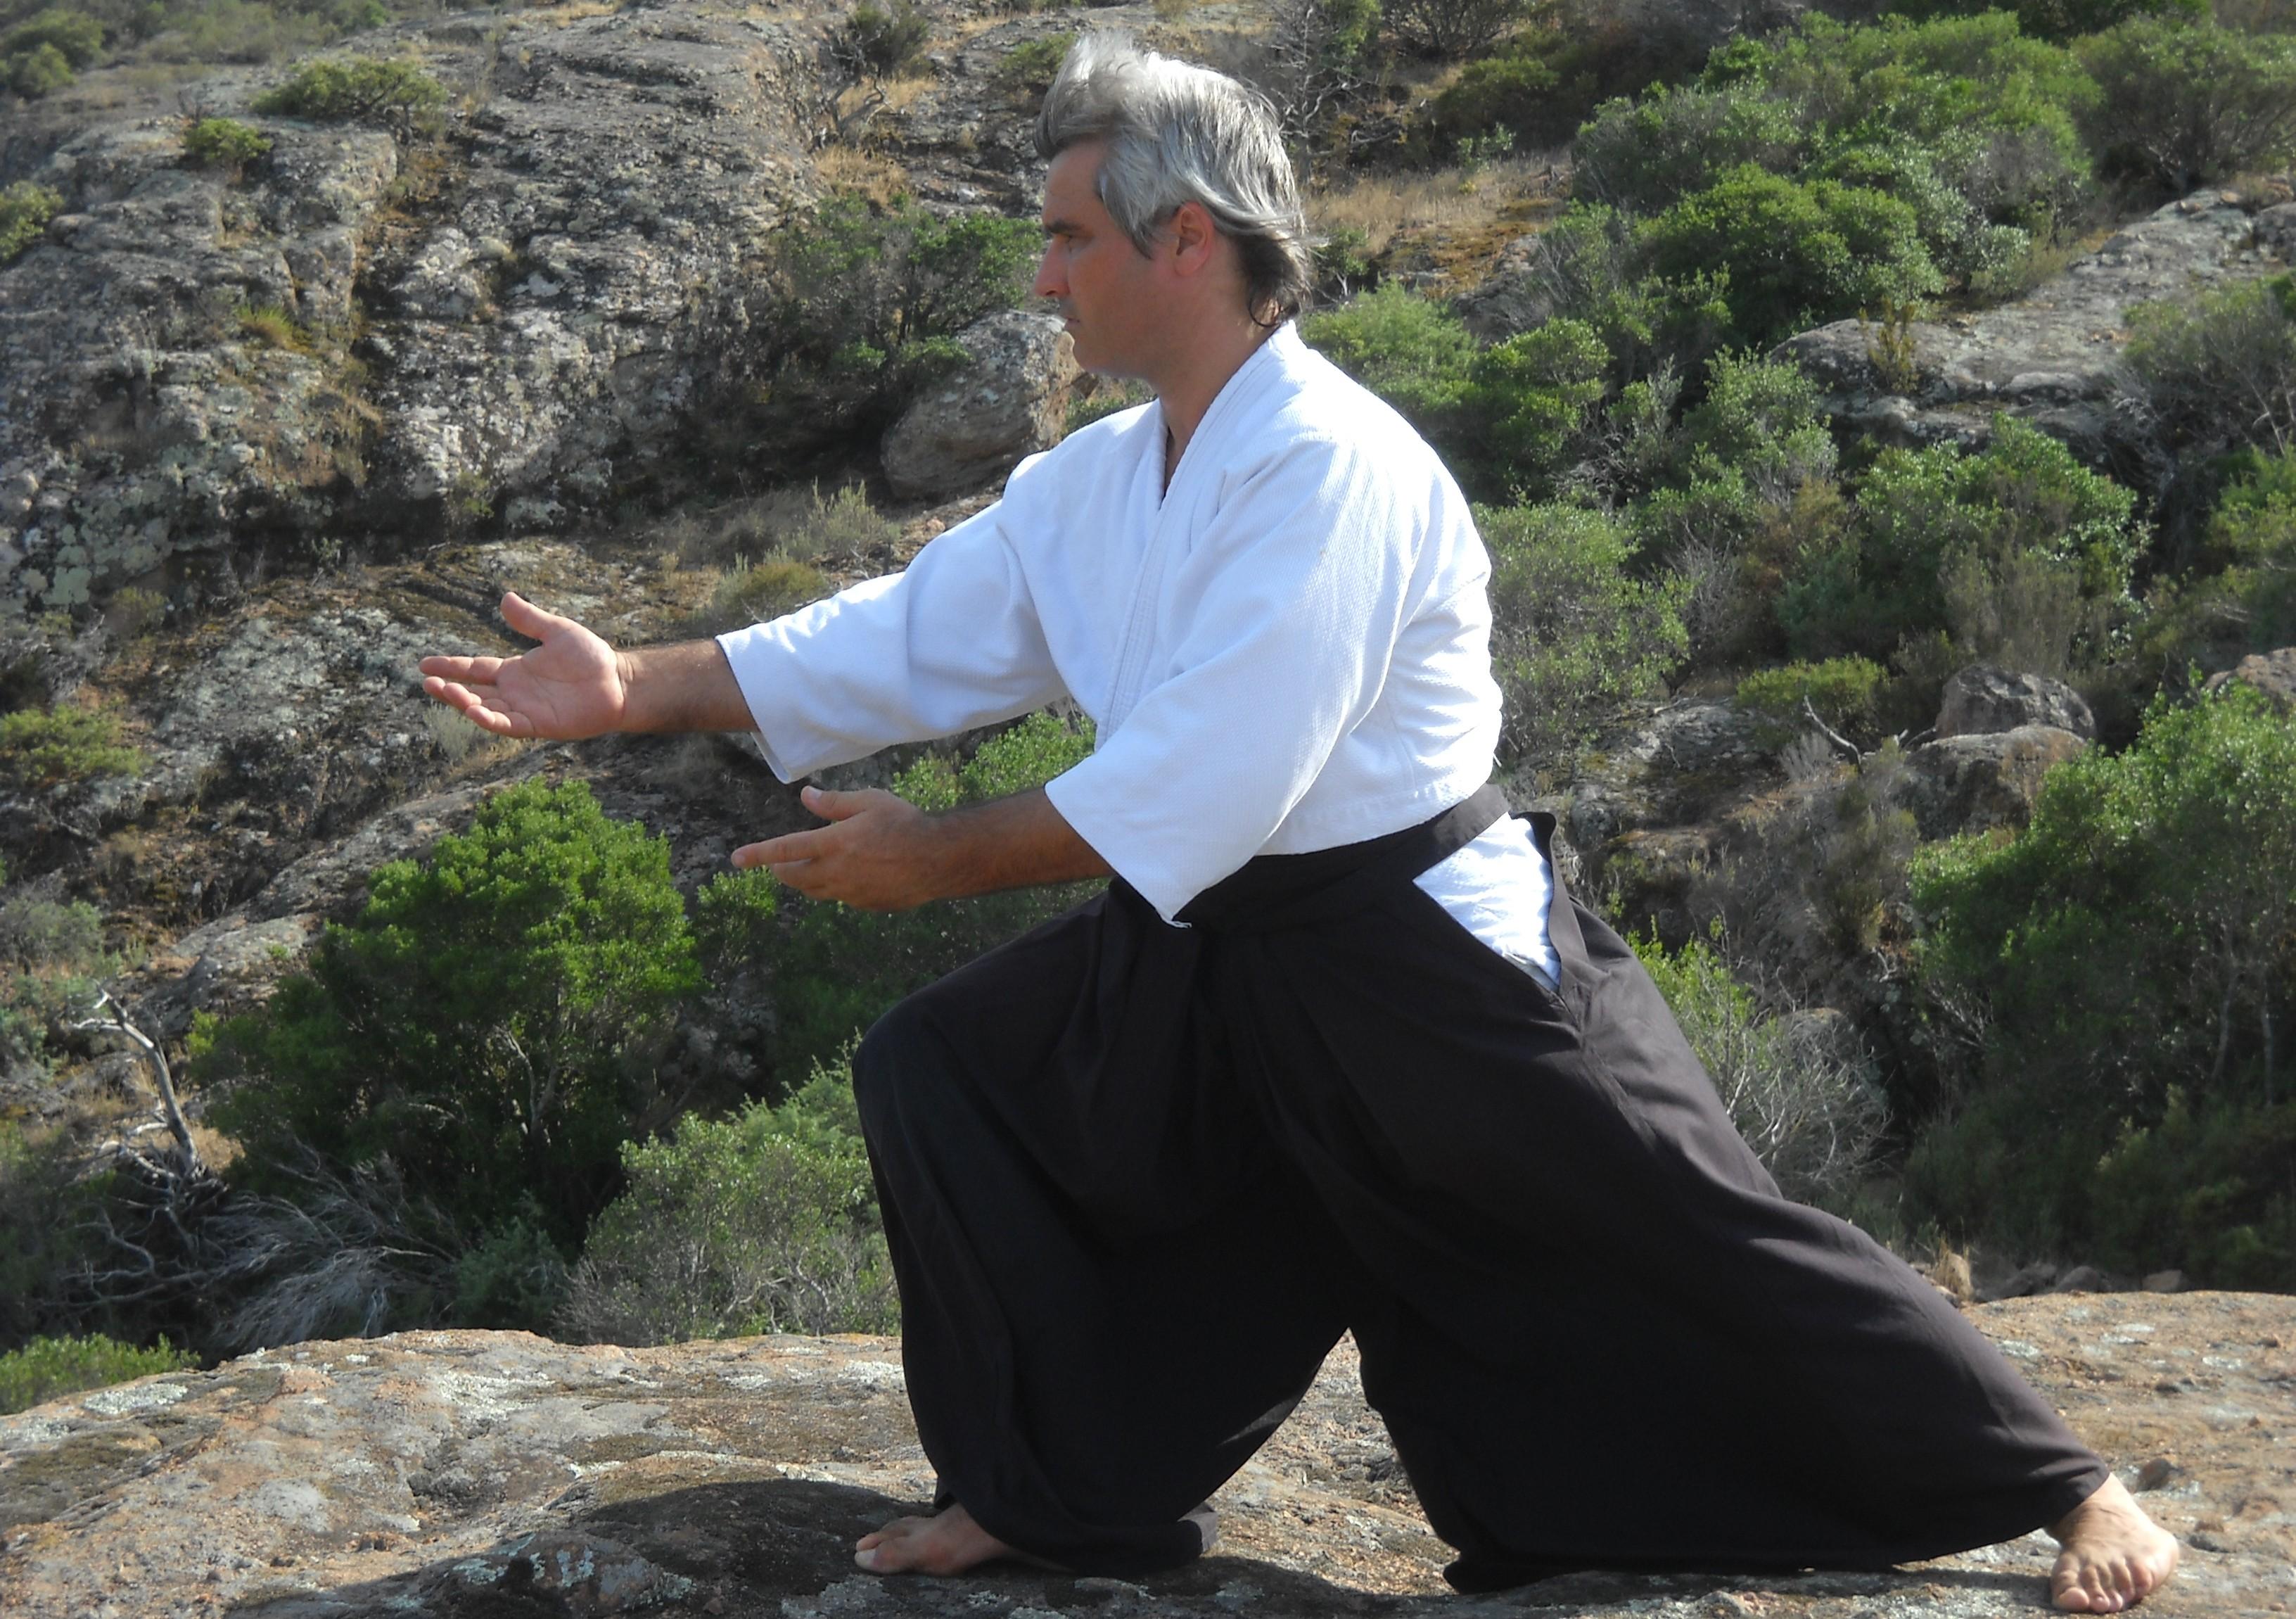 Presentació del Dojo. Marcel Almacelles i Gort es el fundador i director delDojo Umiten, on es practica classes deAikido, Karate...